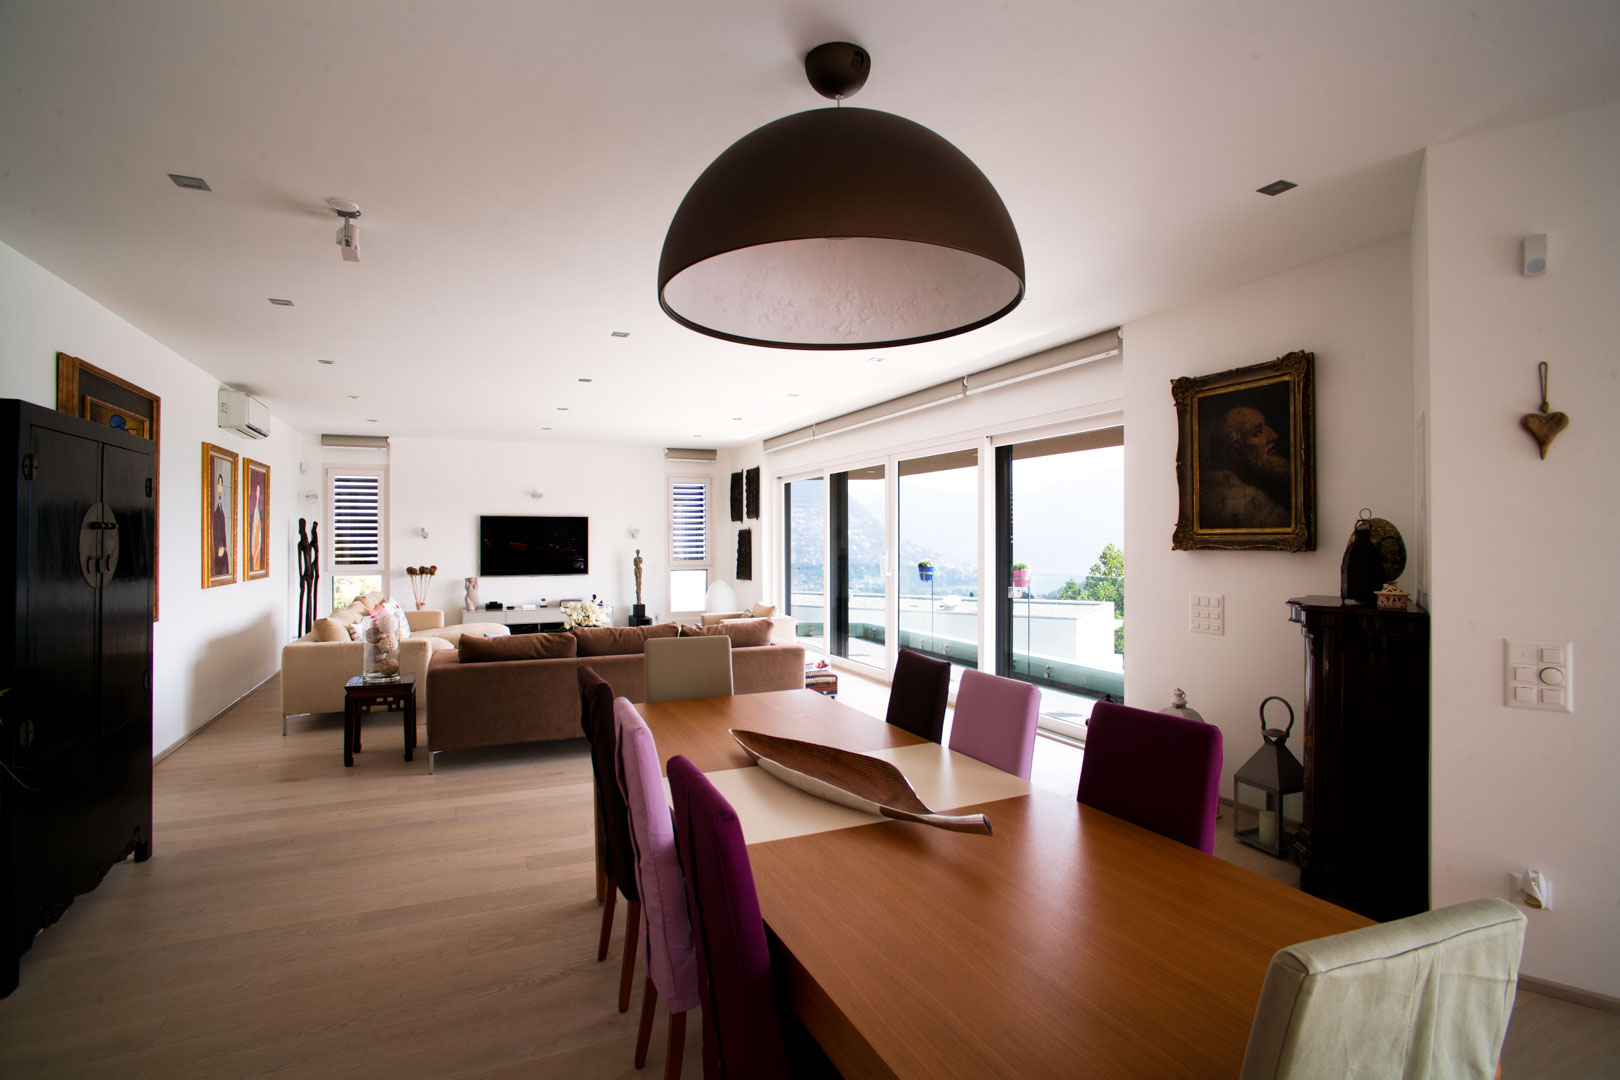 Svizzera 2 servizio fotografico di interni arredamento for Arredamento design interni